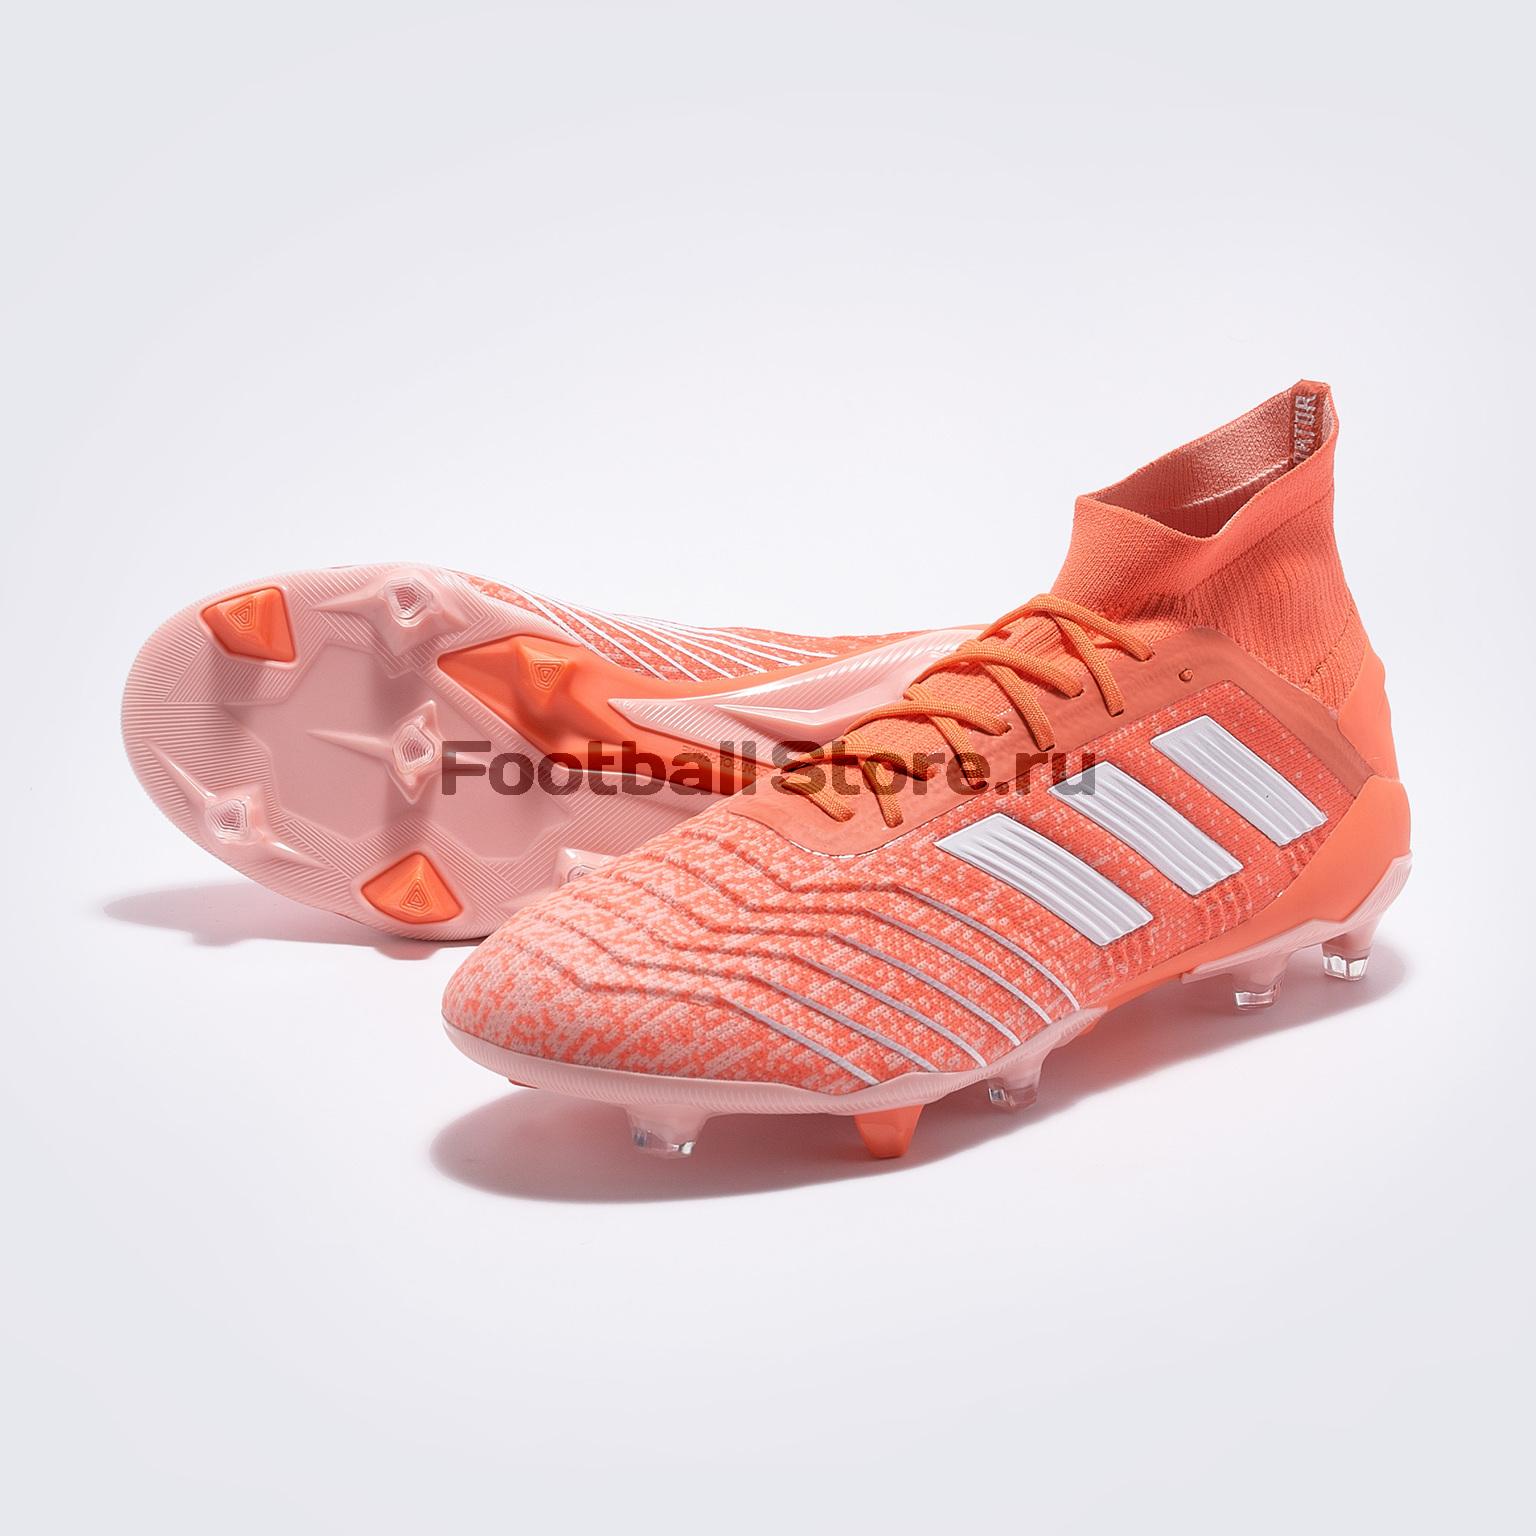 Бутсы женские Adidas Predator 19.1 FG W G25820 бутсы adidas predator 18 3 fg db2001